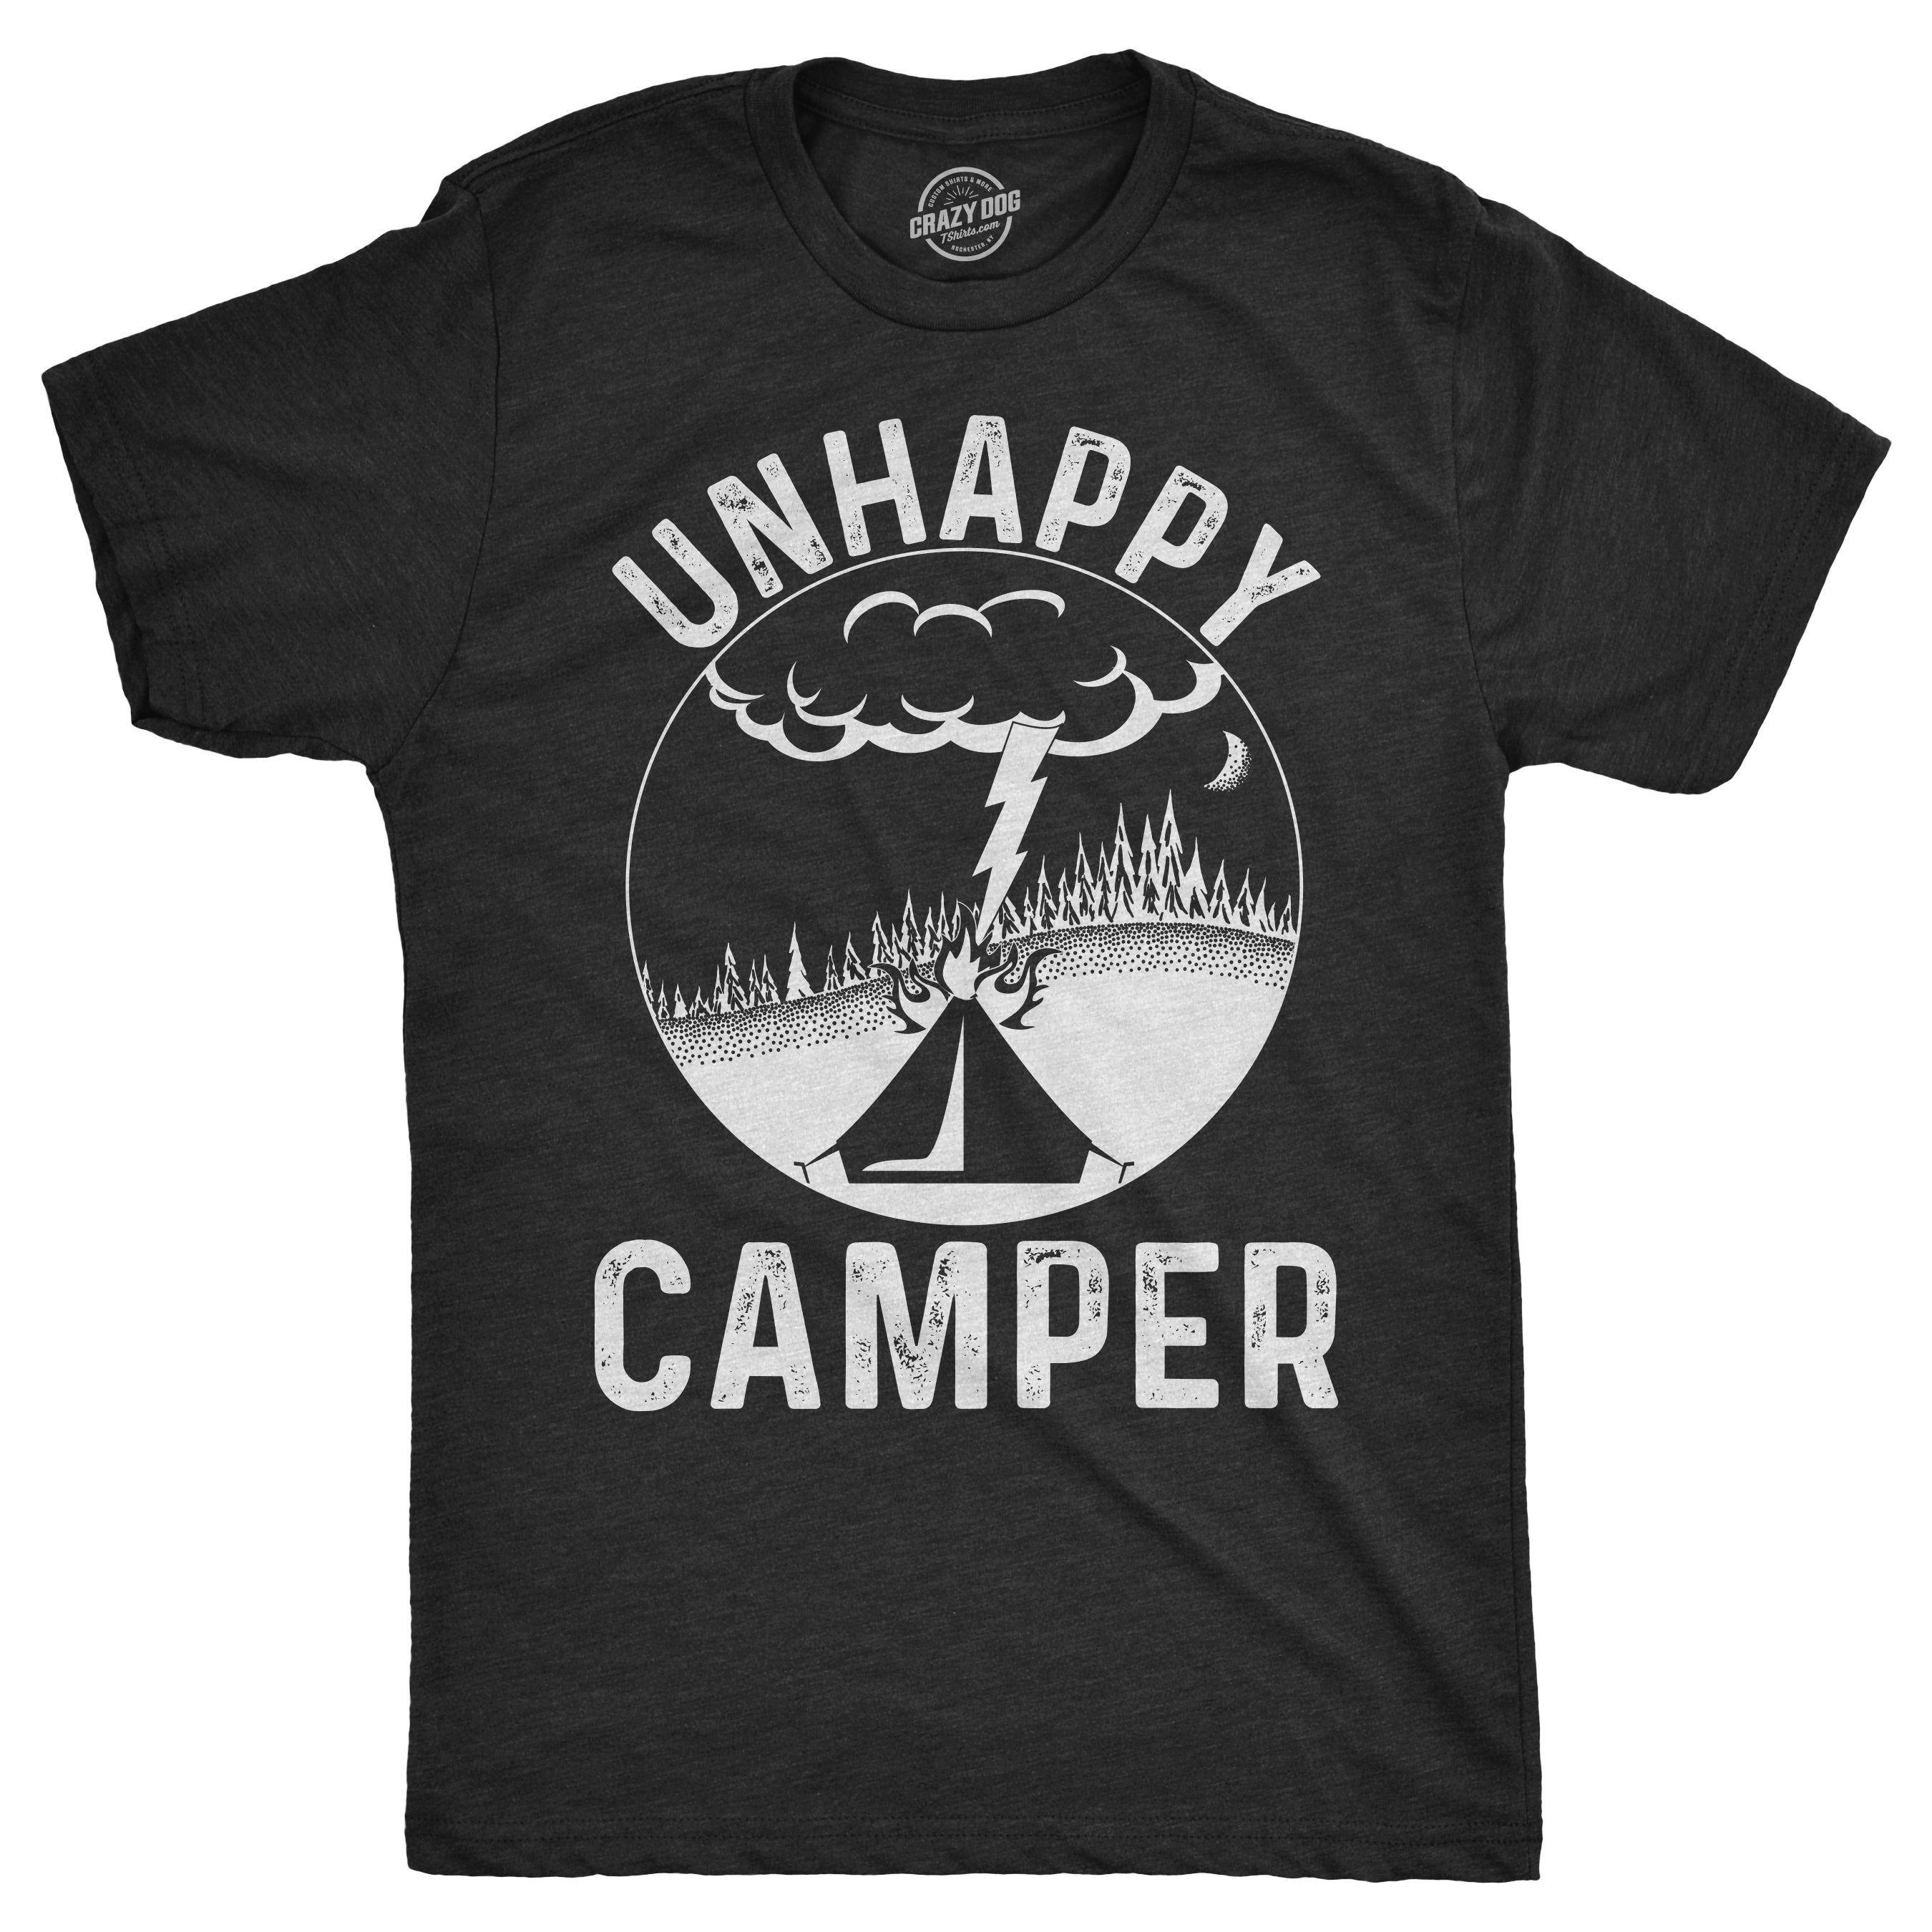 069c1ad2fb89 Brewhaha Summer Camp Funny T-shirts for Cool Camping Trips #MensT-shirts |  Mens T-shirts | Shirts, T shirt, Camping humor